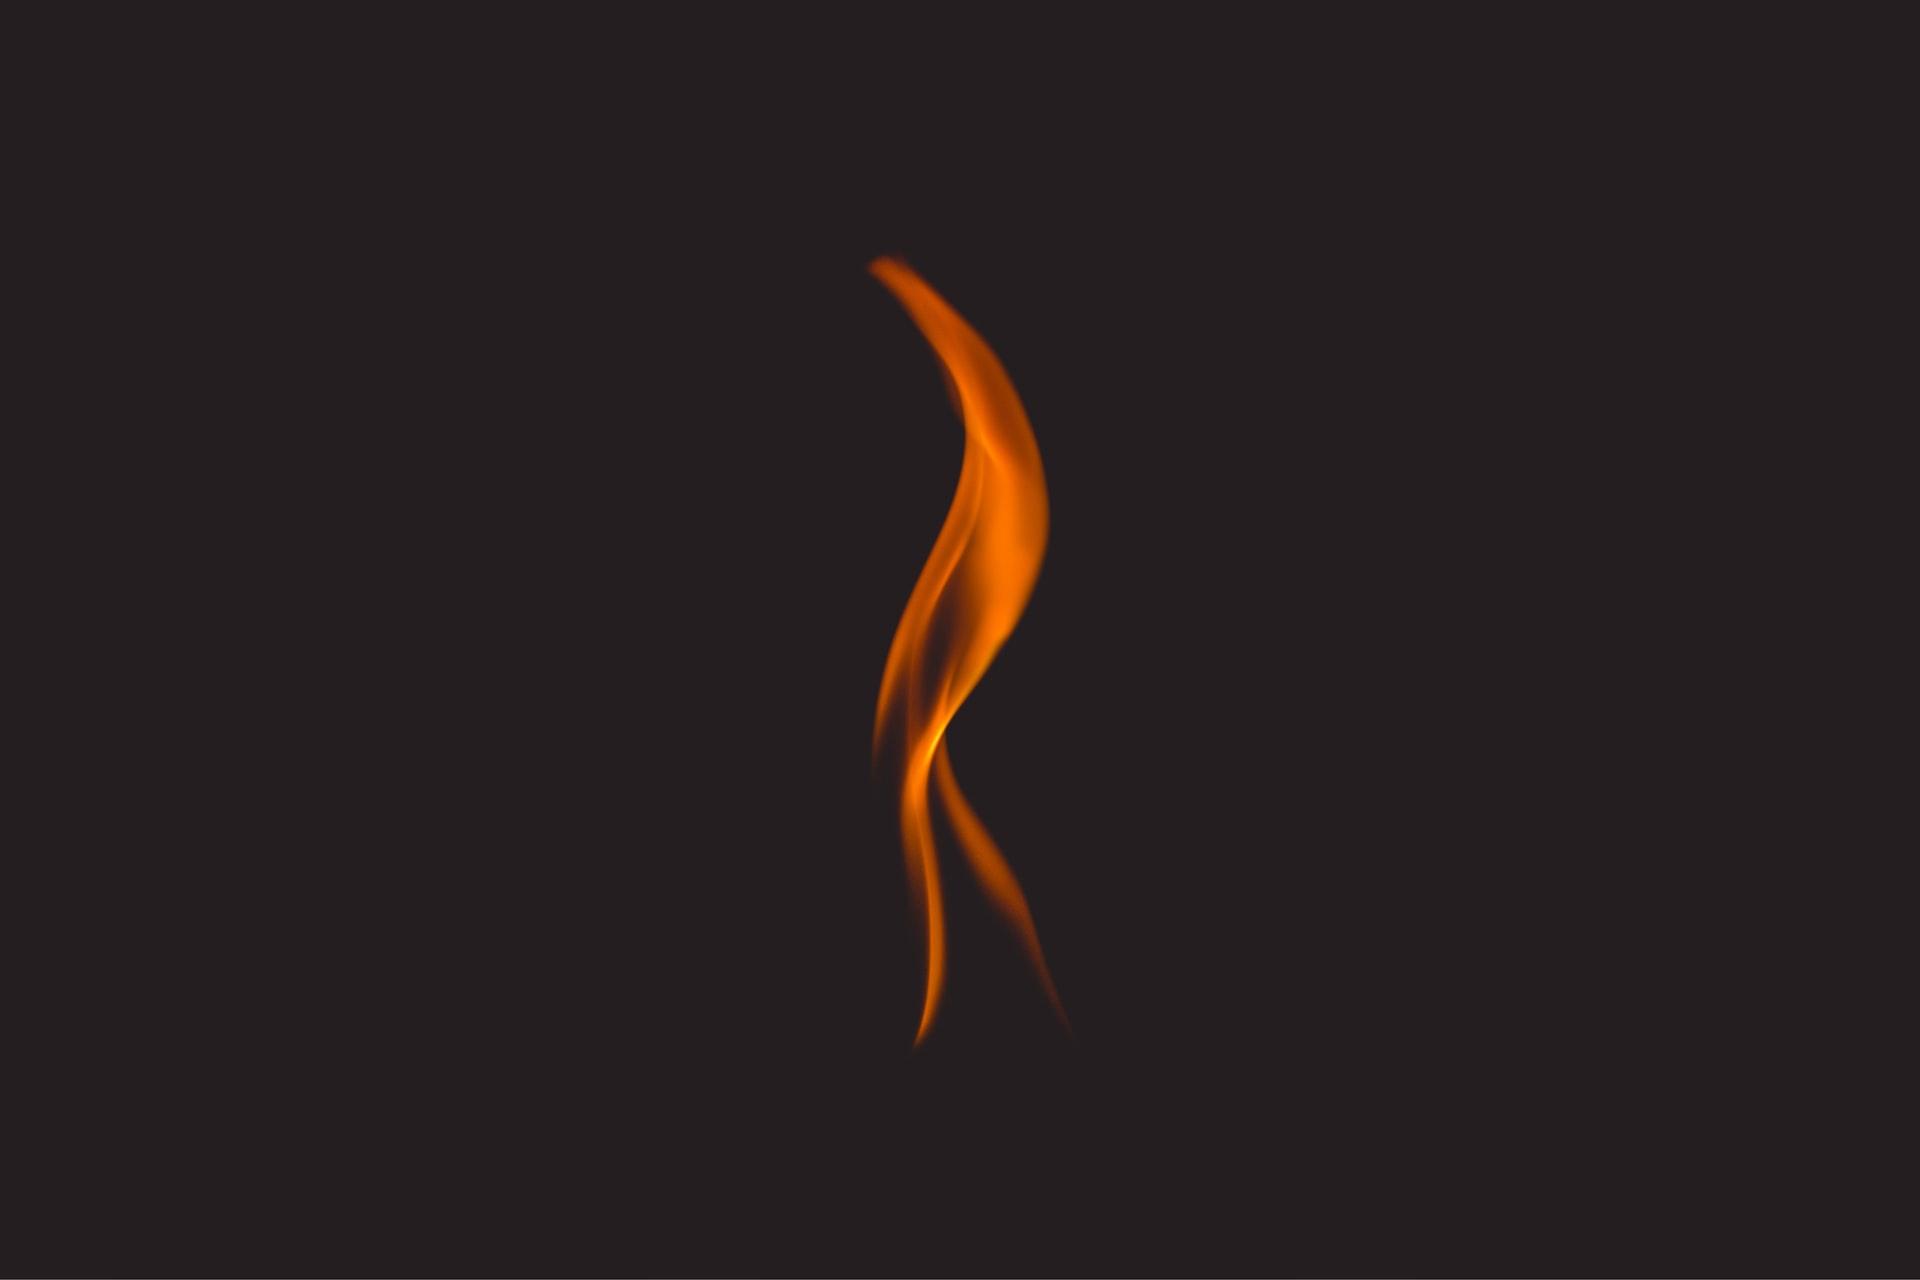 Zagrebački učenik palio smeće pa skoro zapalio zgradu: Požar su spriječili vatrogasci